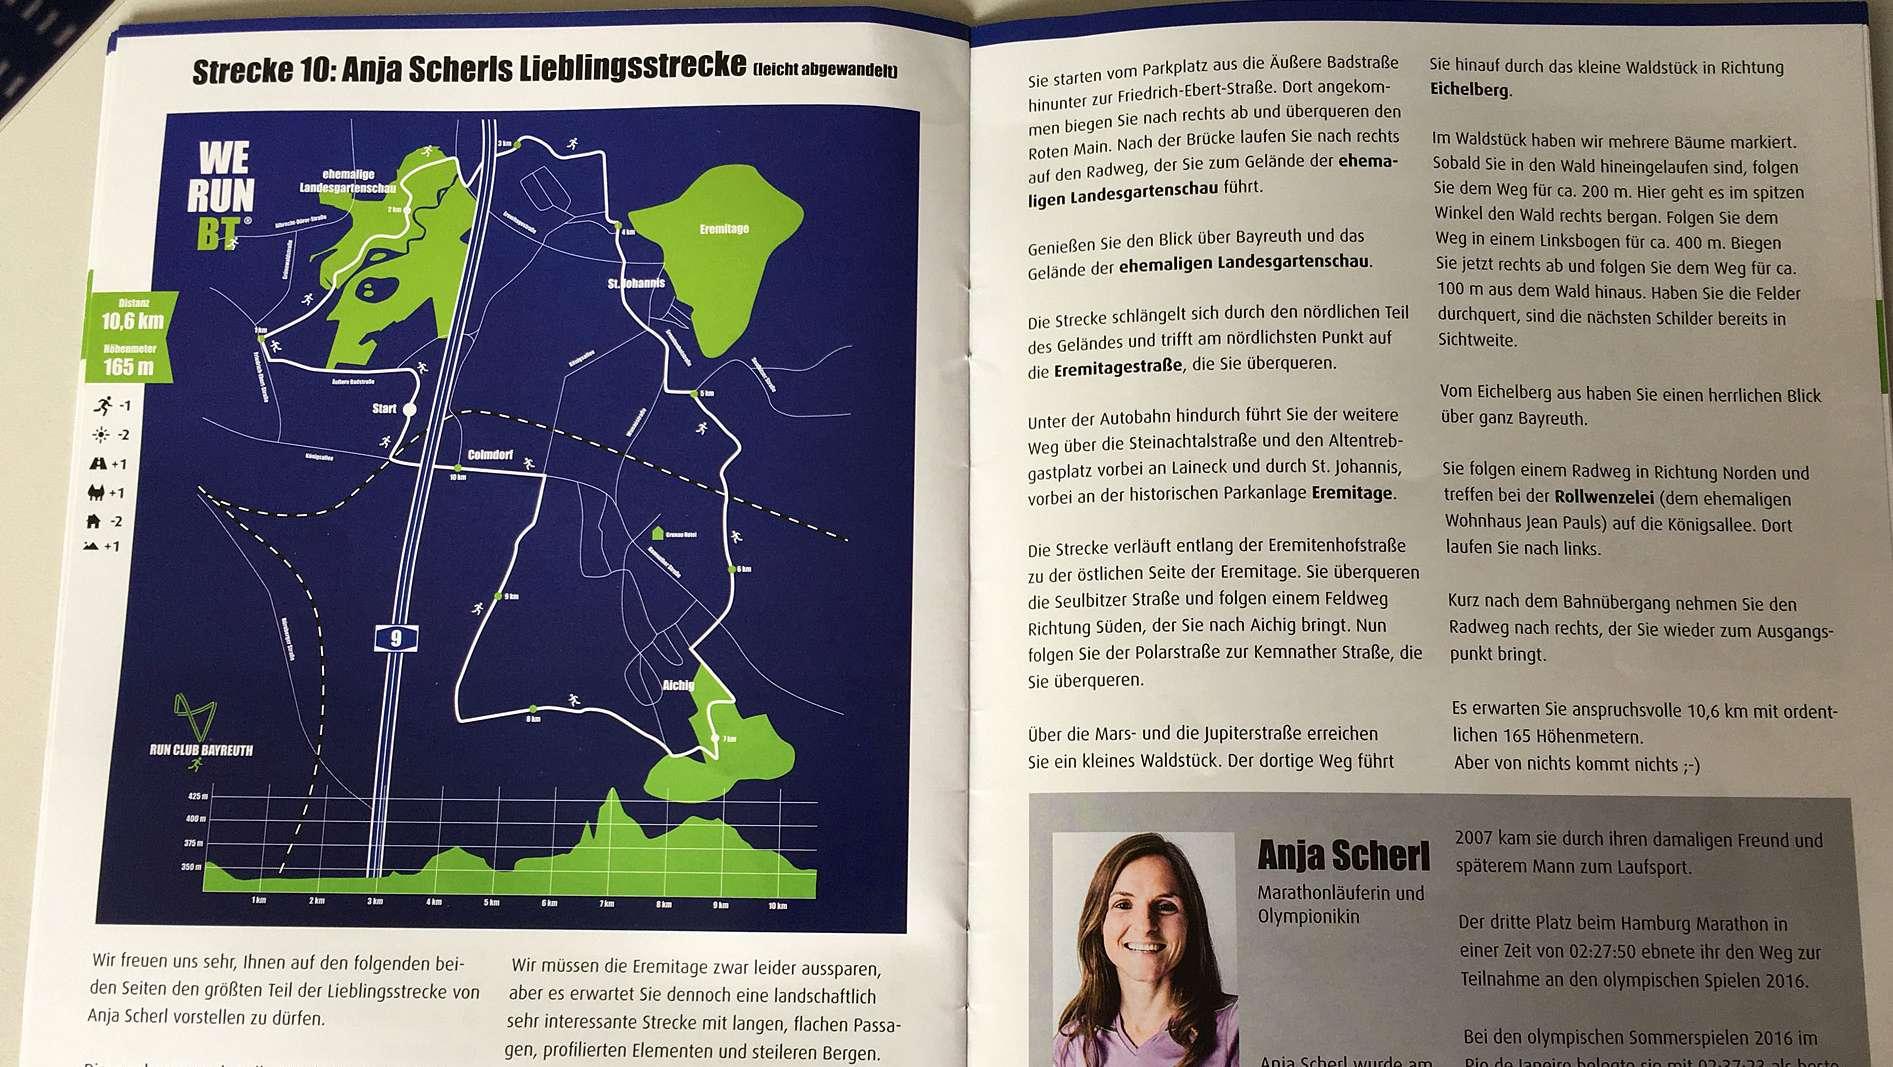 """Olympiateilnehmerin Anja Scherl verrät im """"Laufkompass"""" ihre Lieblingsstrecke"""